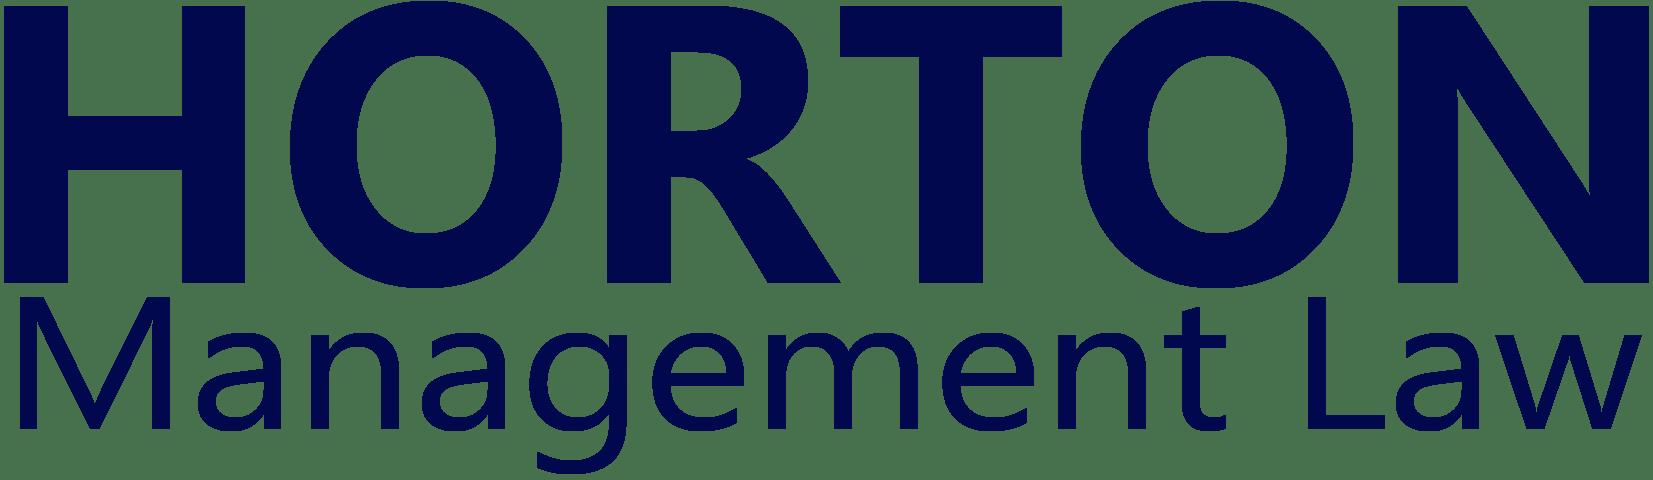 Horton Management Law